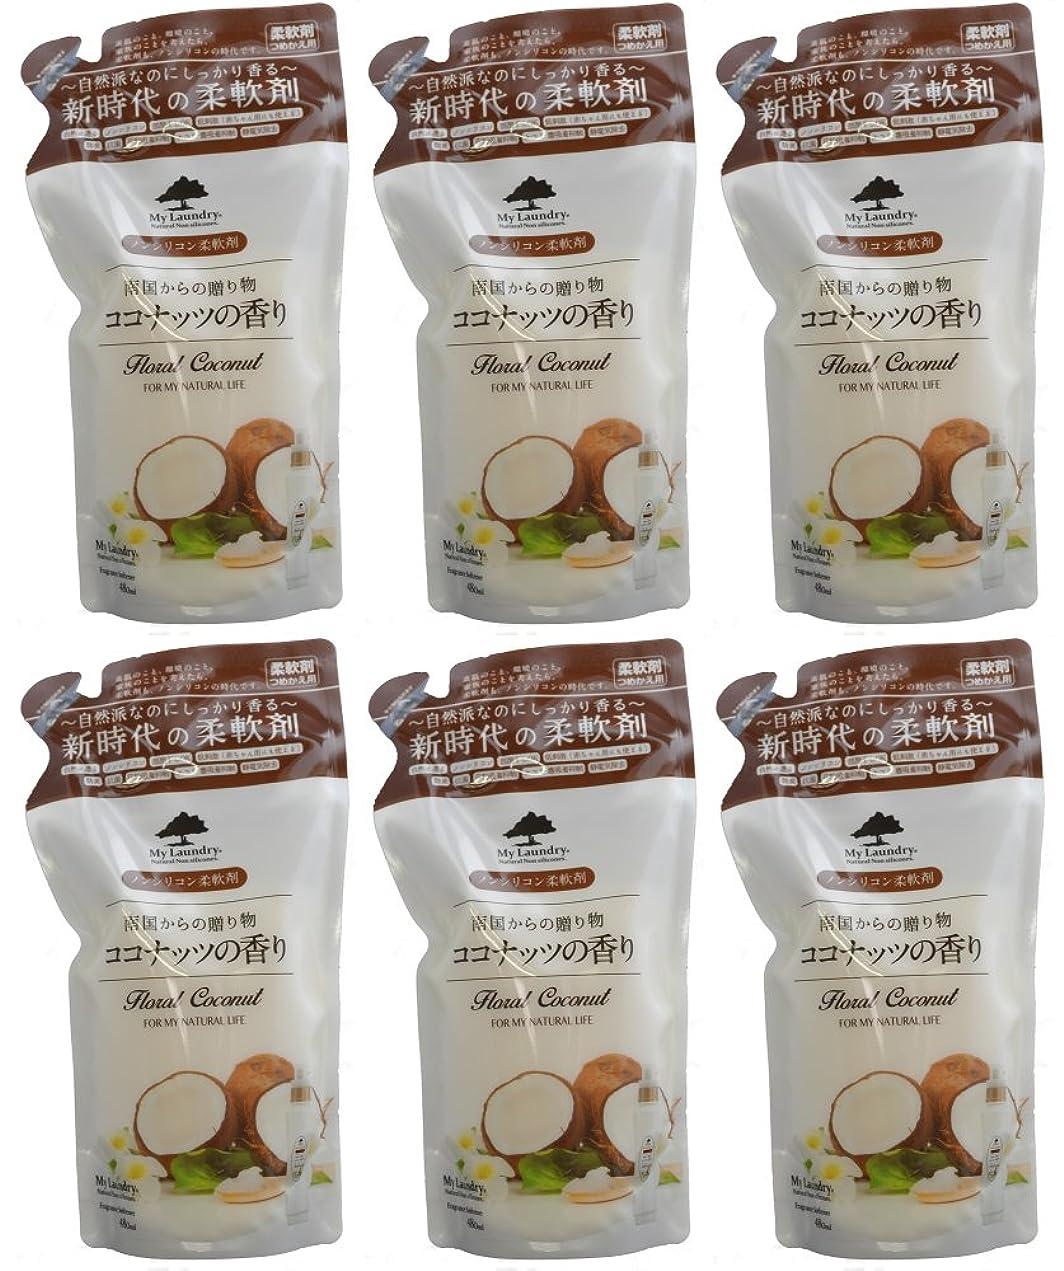 哀衝突する額マイランドリー 詰替用 480mL ココナッツの香り お得な5個+1個セット